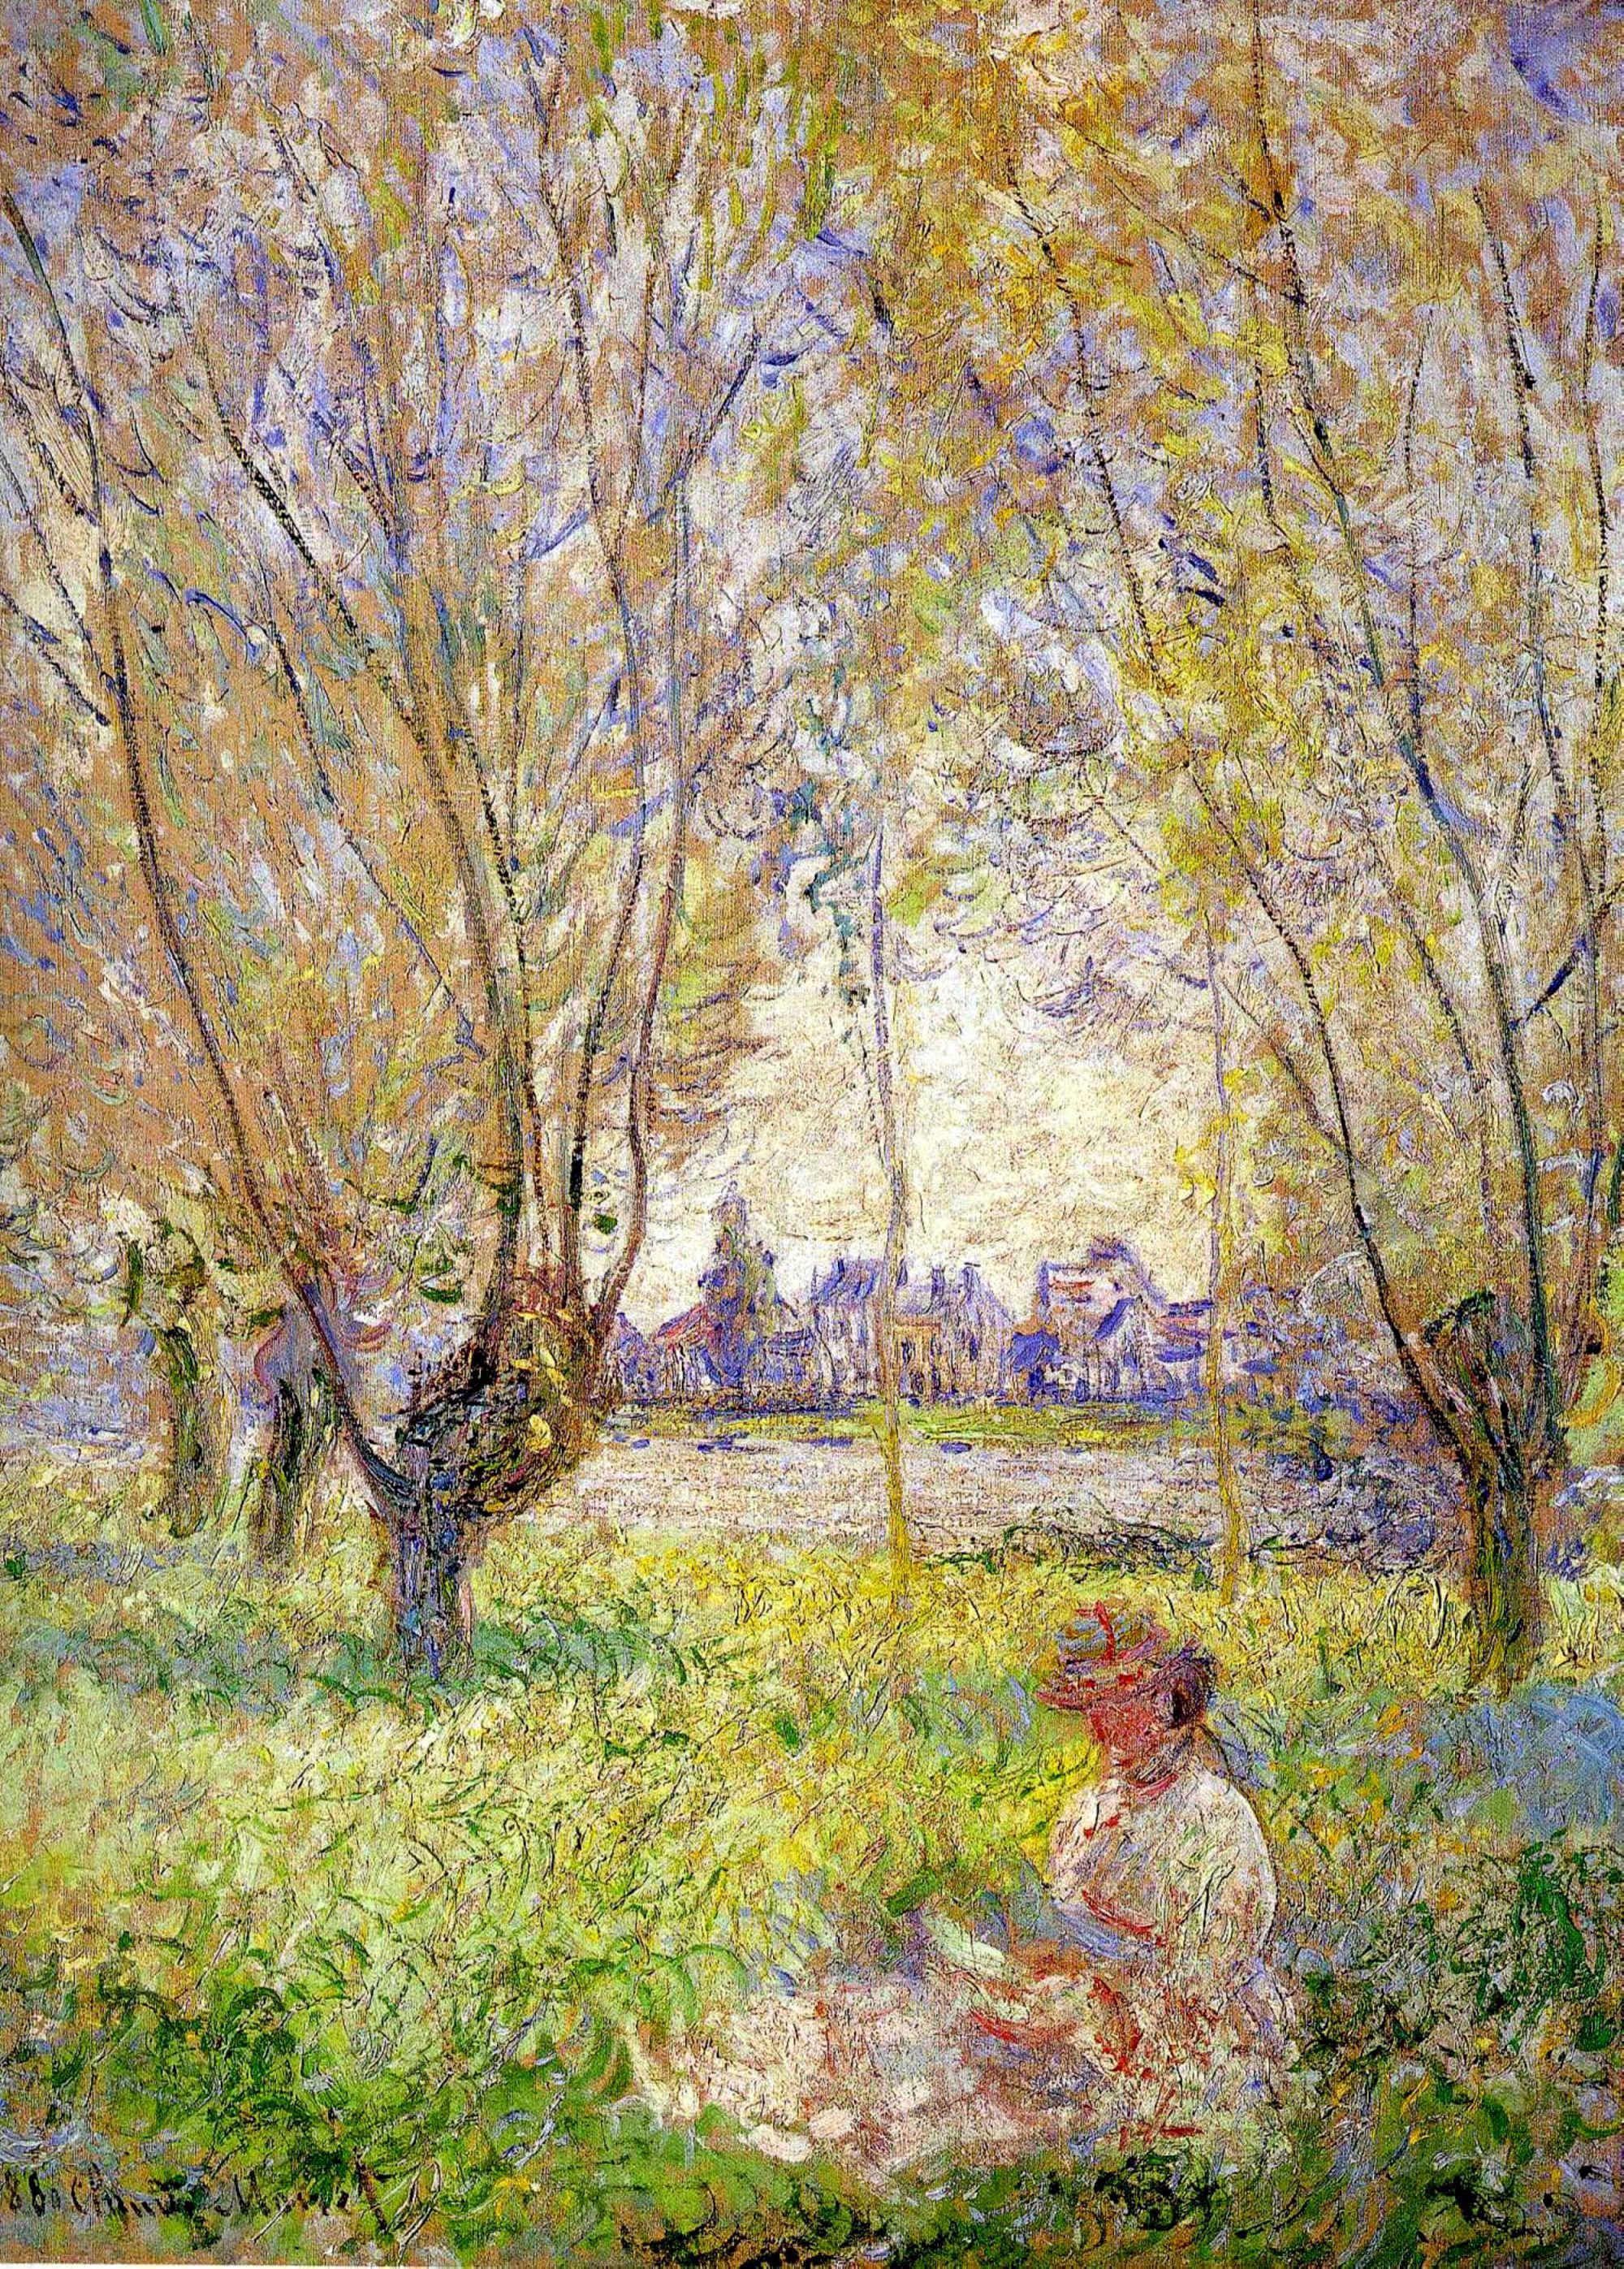 пейзаж < Женщина, сидящая под ивой >:: Клод Моне, описание картины - Моне Клод (Claude Monet) фото